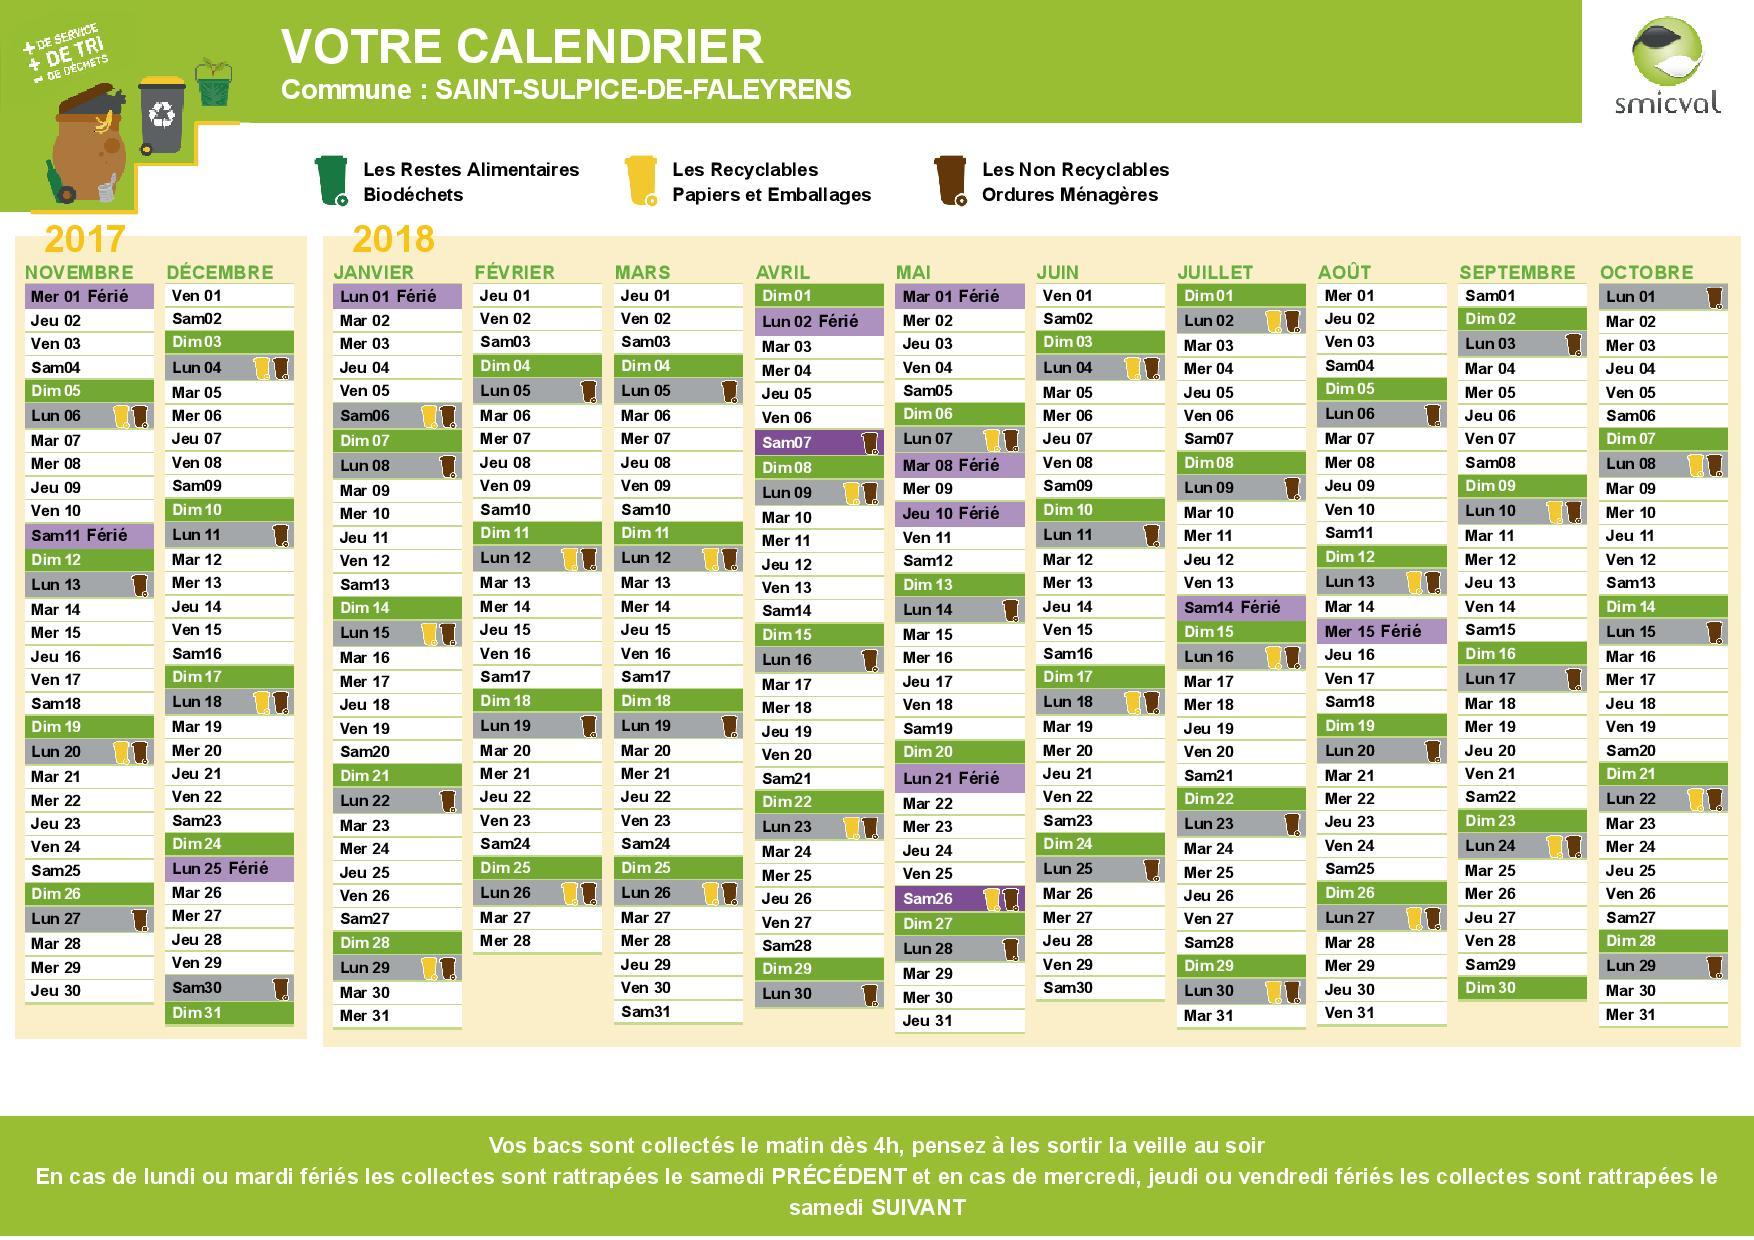 Calendrier Smicval 2021 Calendrier de collecte 2018 des ordures ménagères | Saint Sulpice